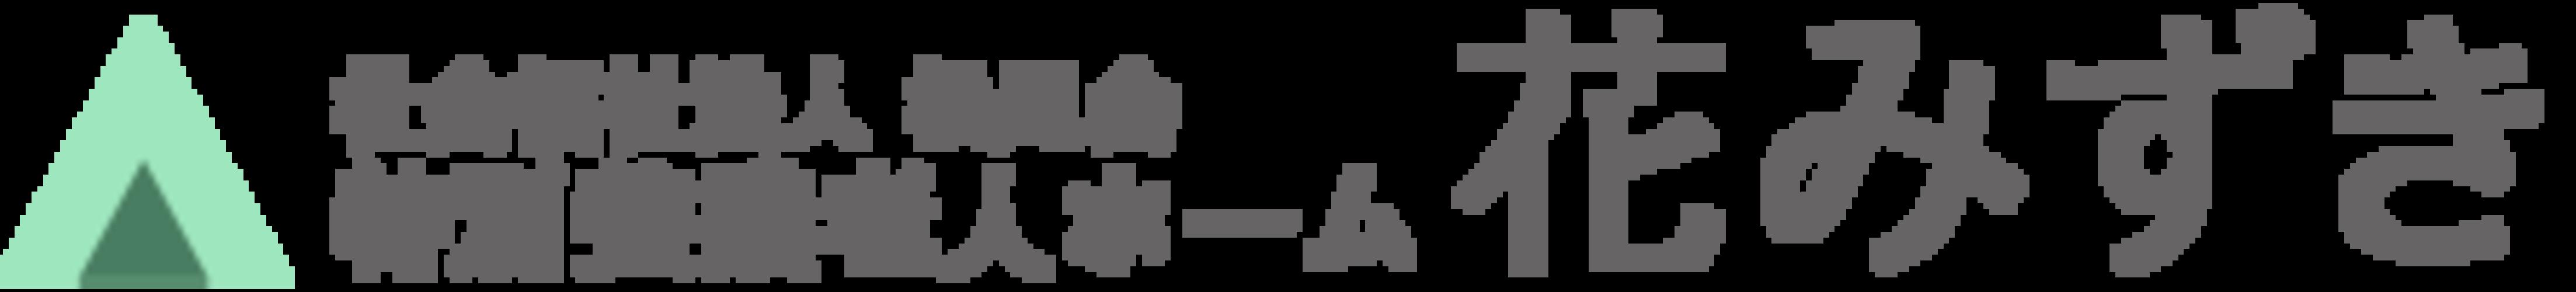 Logo nb3uo4itlub52gdf